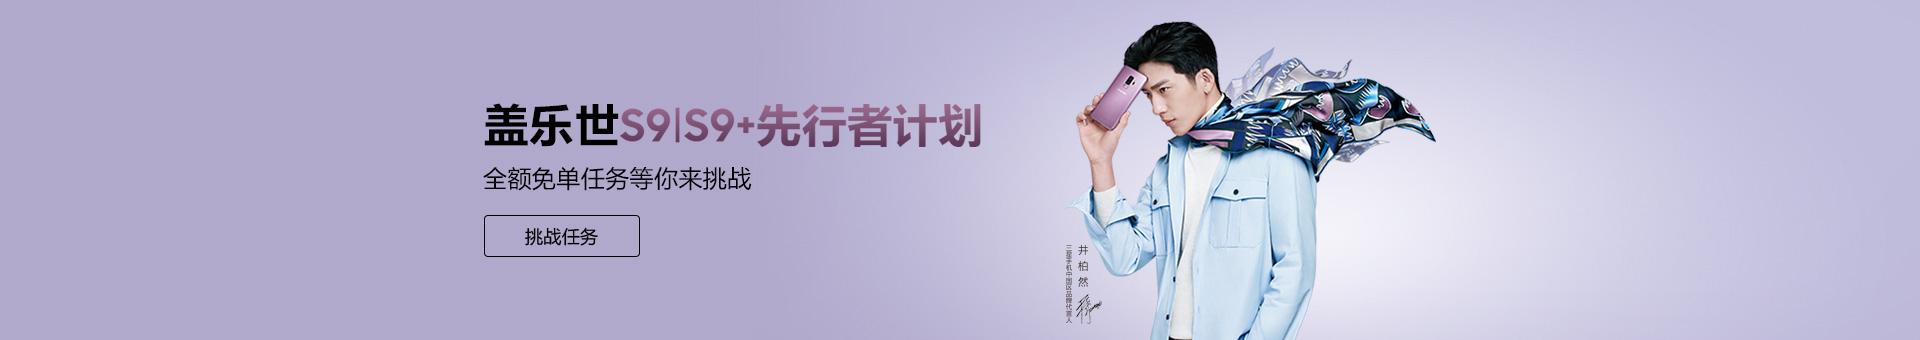 【盖乐世S9|S9+先行者计划】免单任务等你挑战